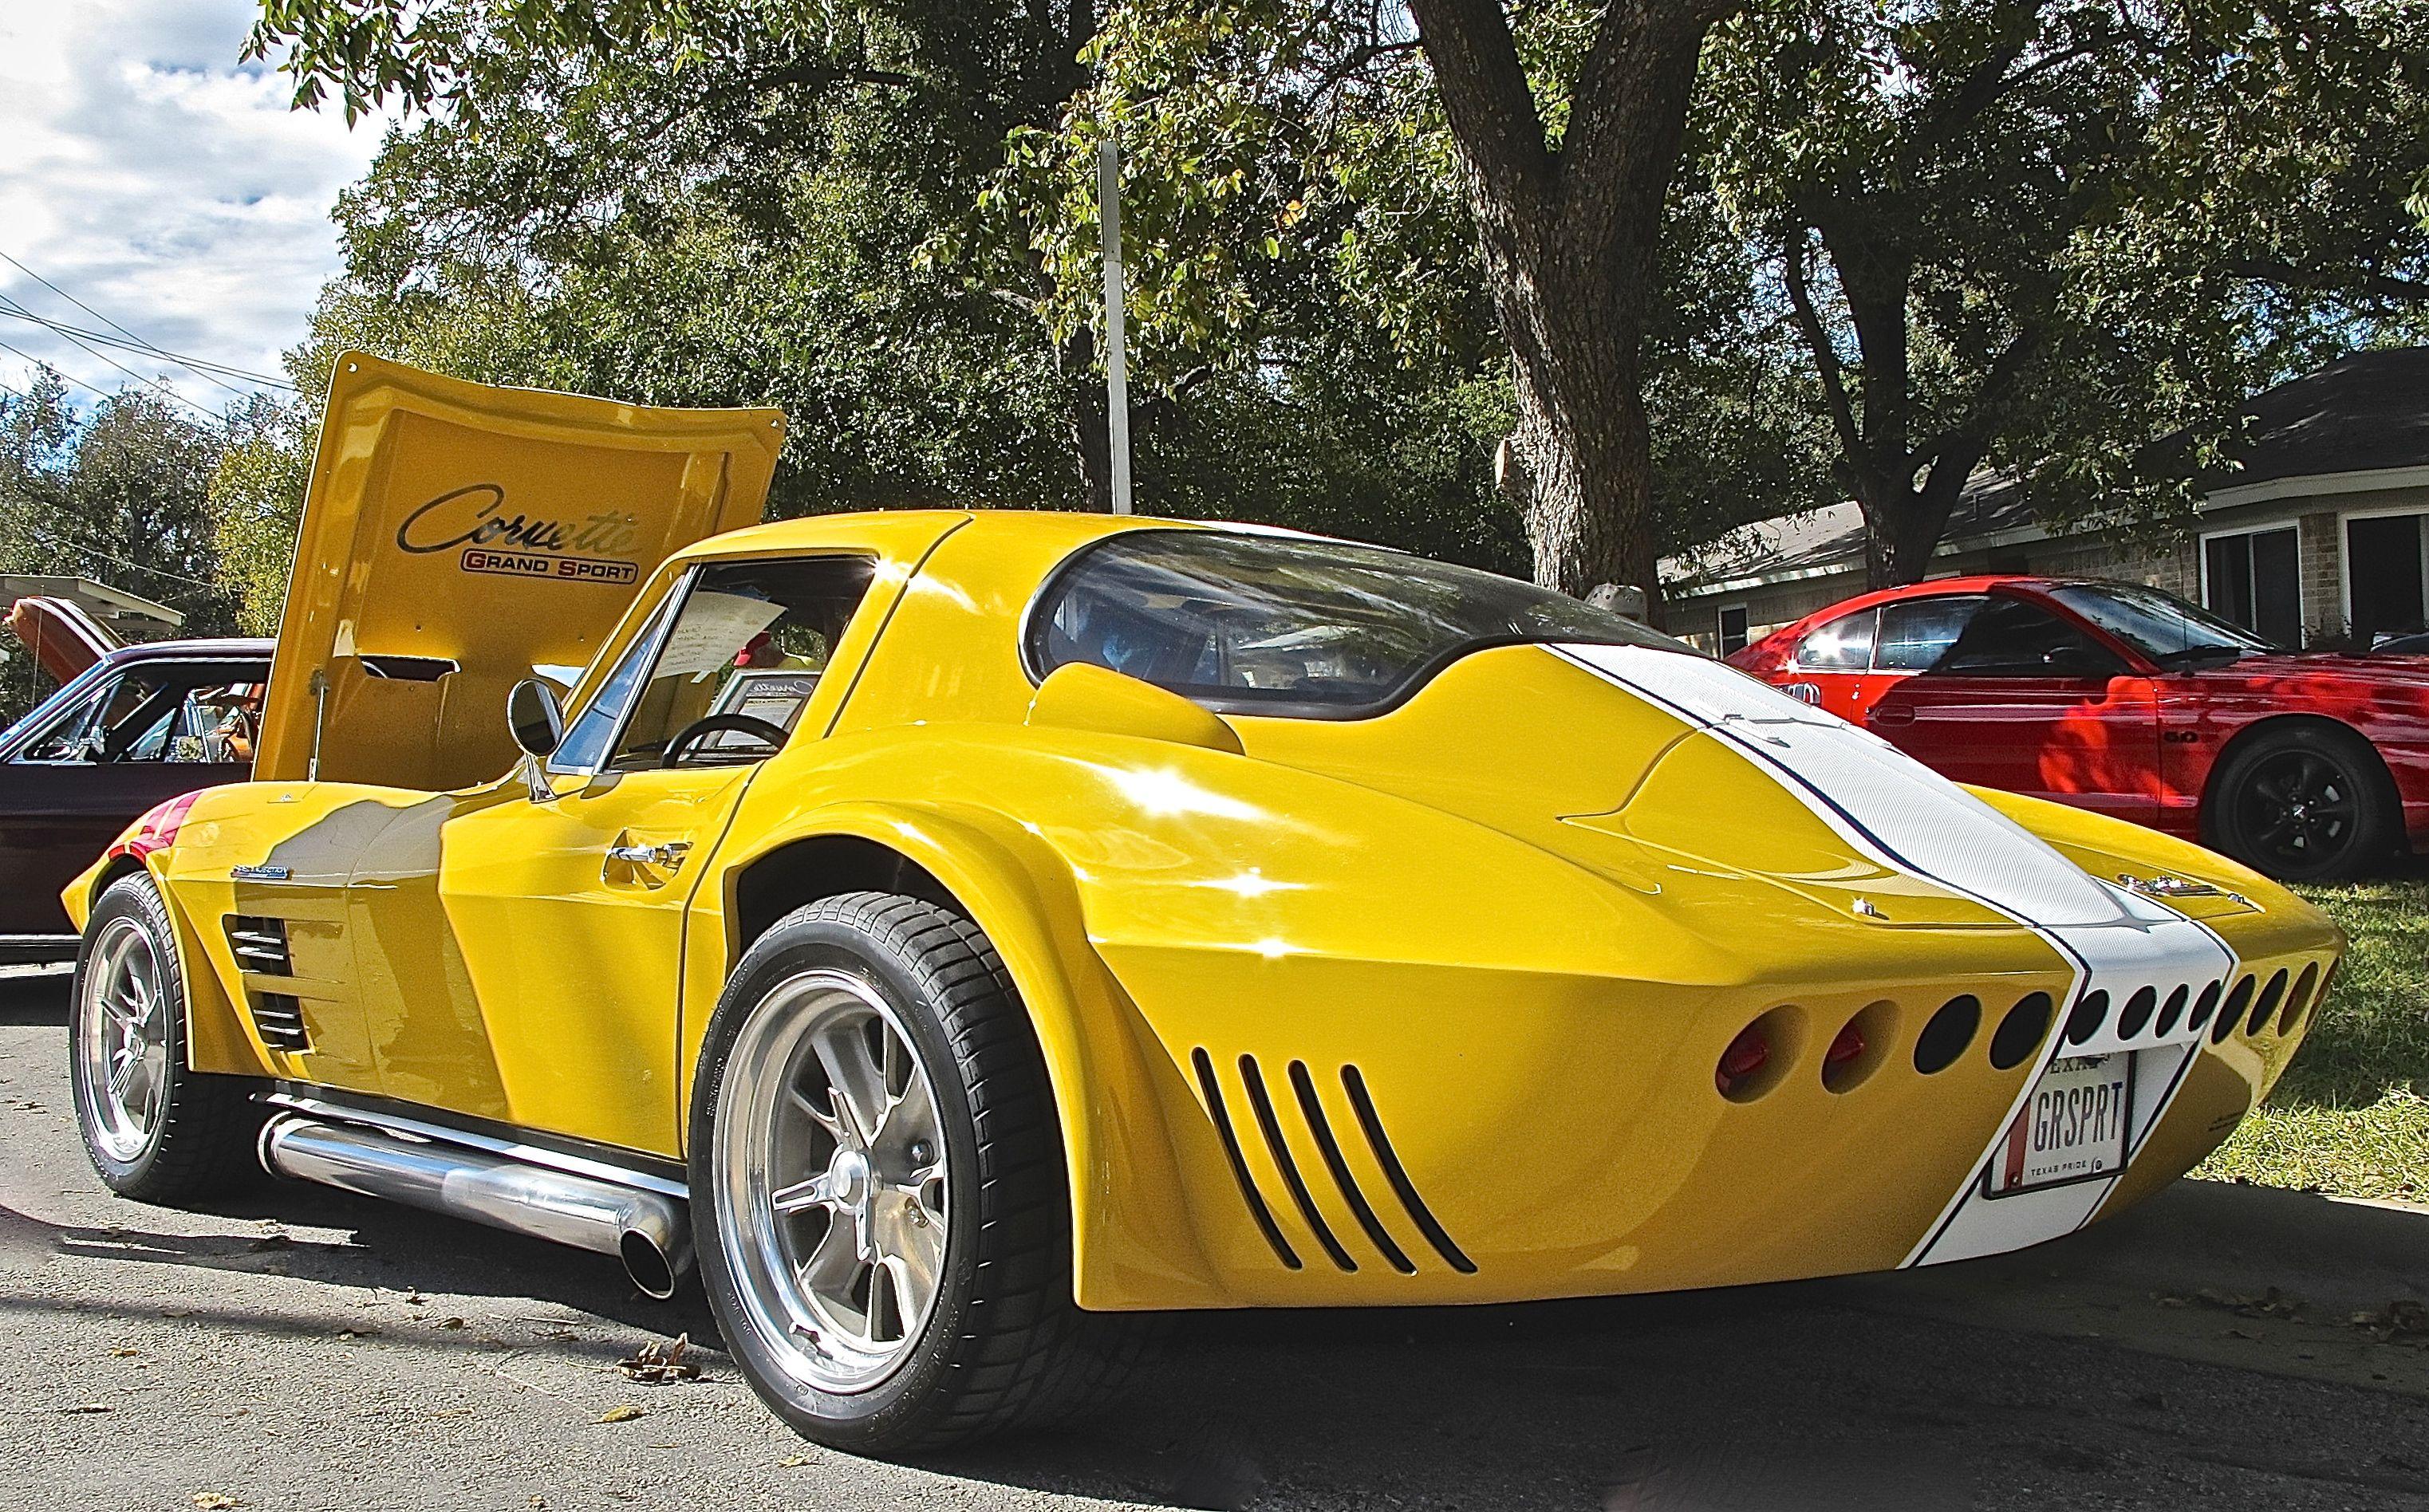 1963 Corvette Grand Sport Custom Chevrolet Corvette Corvette Corvette Grand Sport